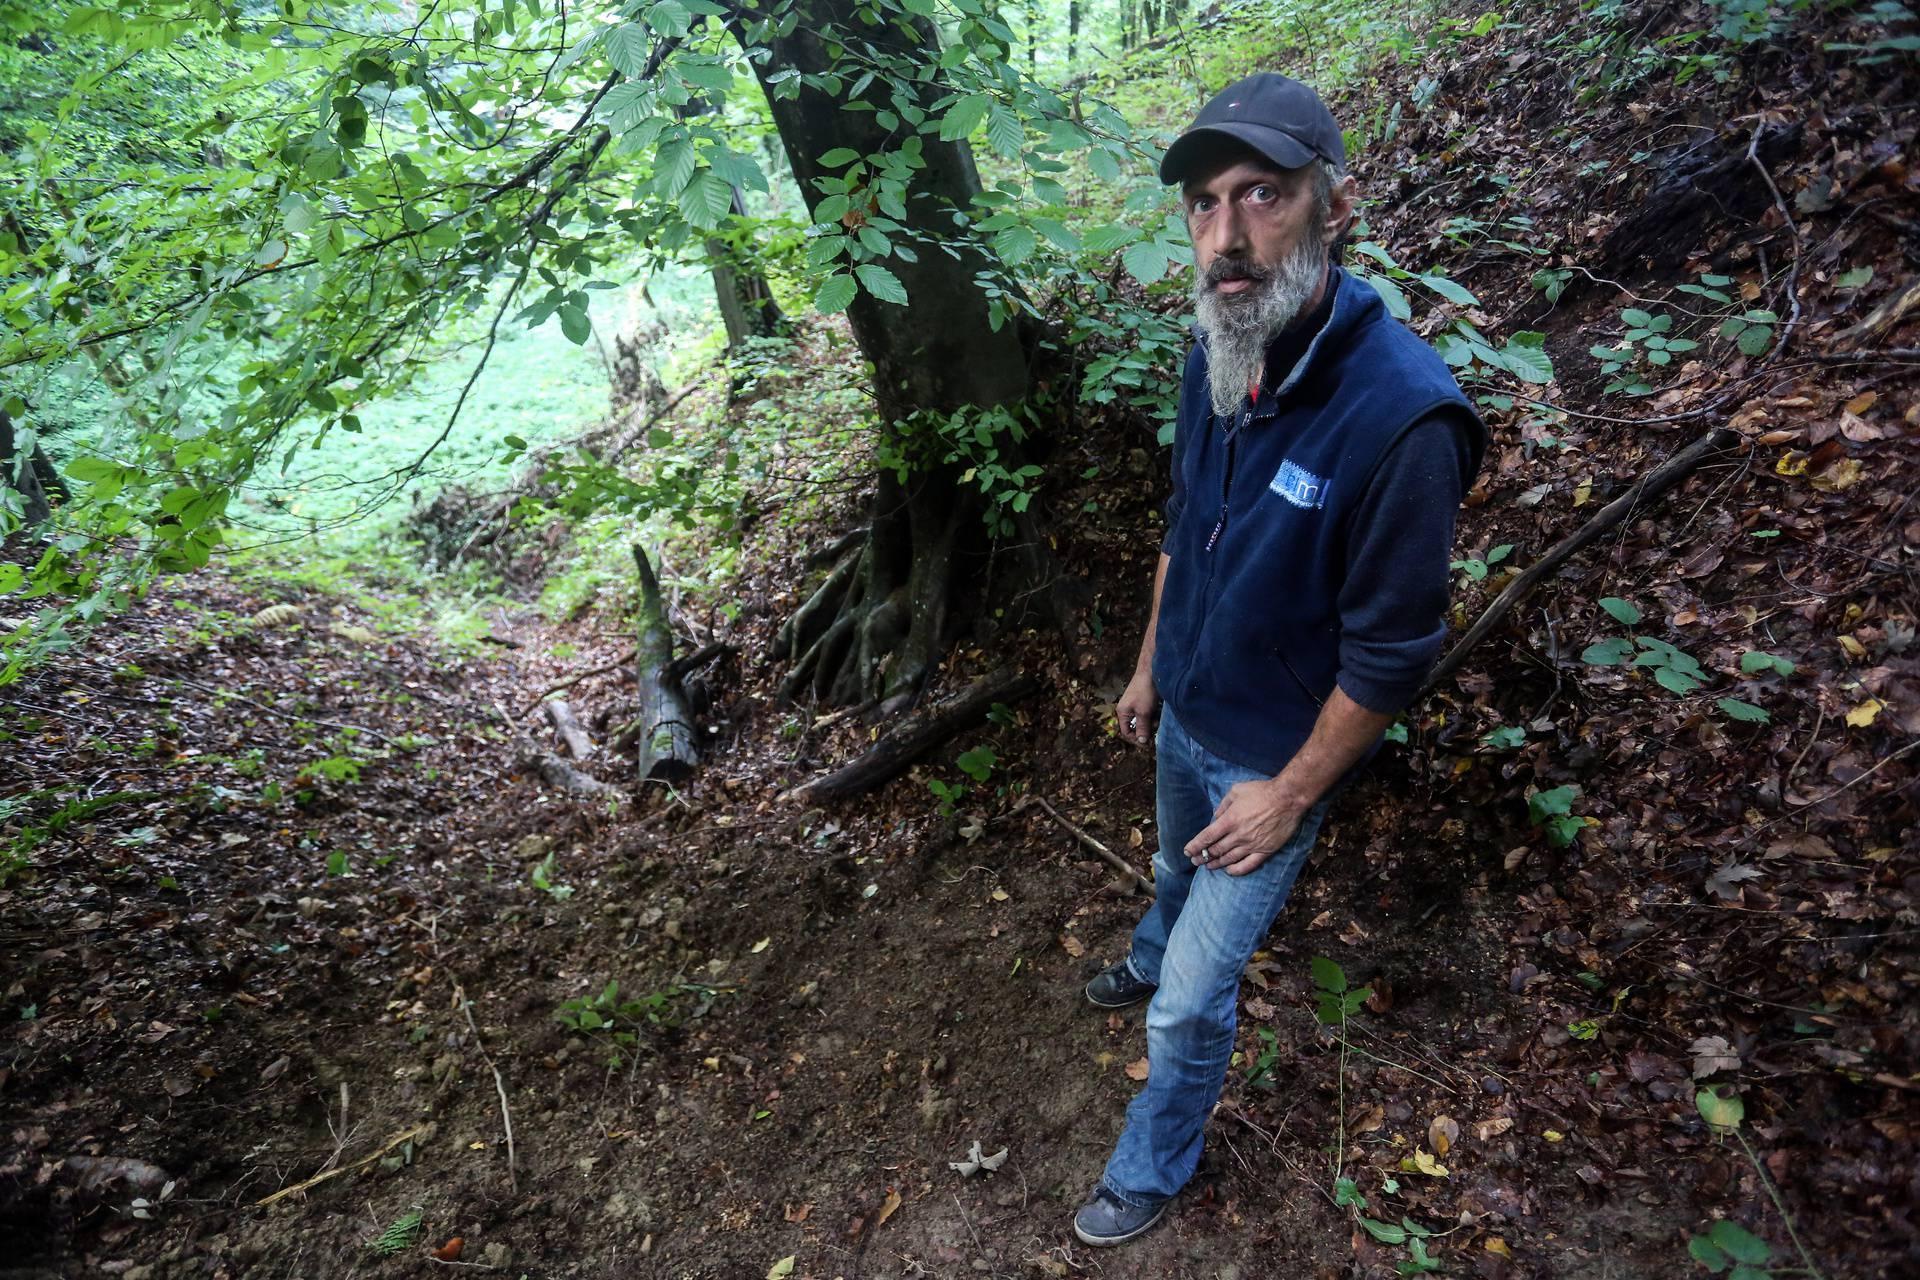 Našao kostur u šumi: 'Lubanja me nije uplašila, ali mi je drago da nisam vodio dijete sa sobom'